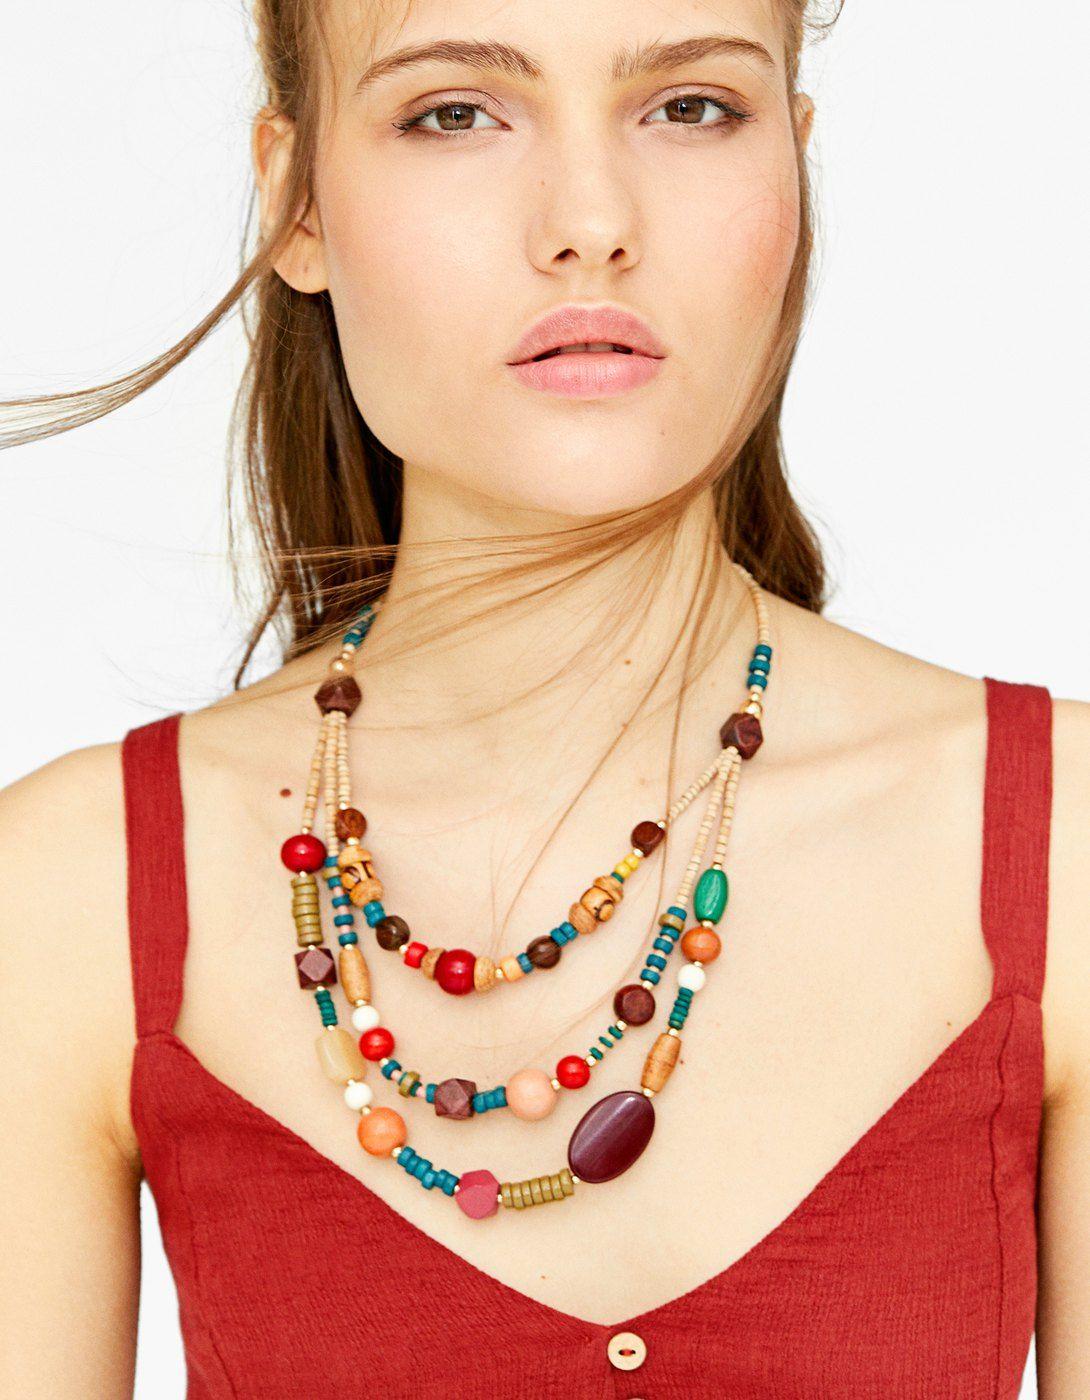 distribuidor mayorista 8dffb 7de79 Descubre los collares tendencia 2019. Bisutería de moda ...